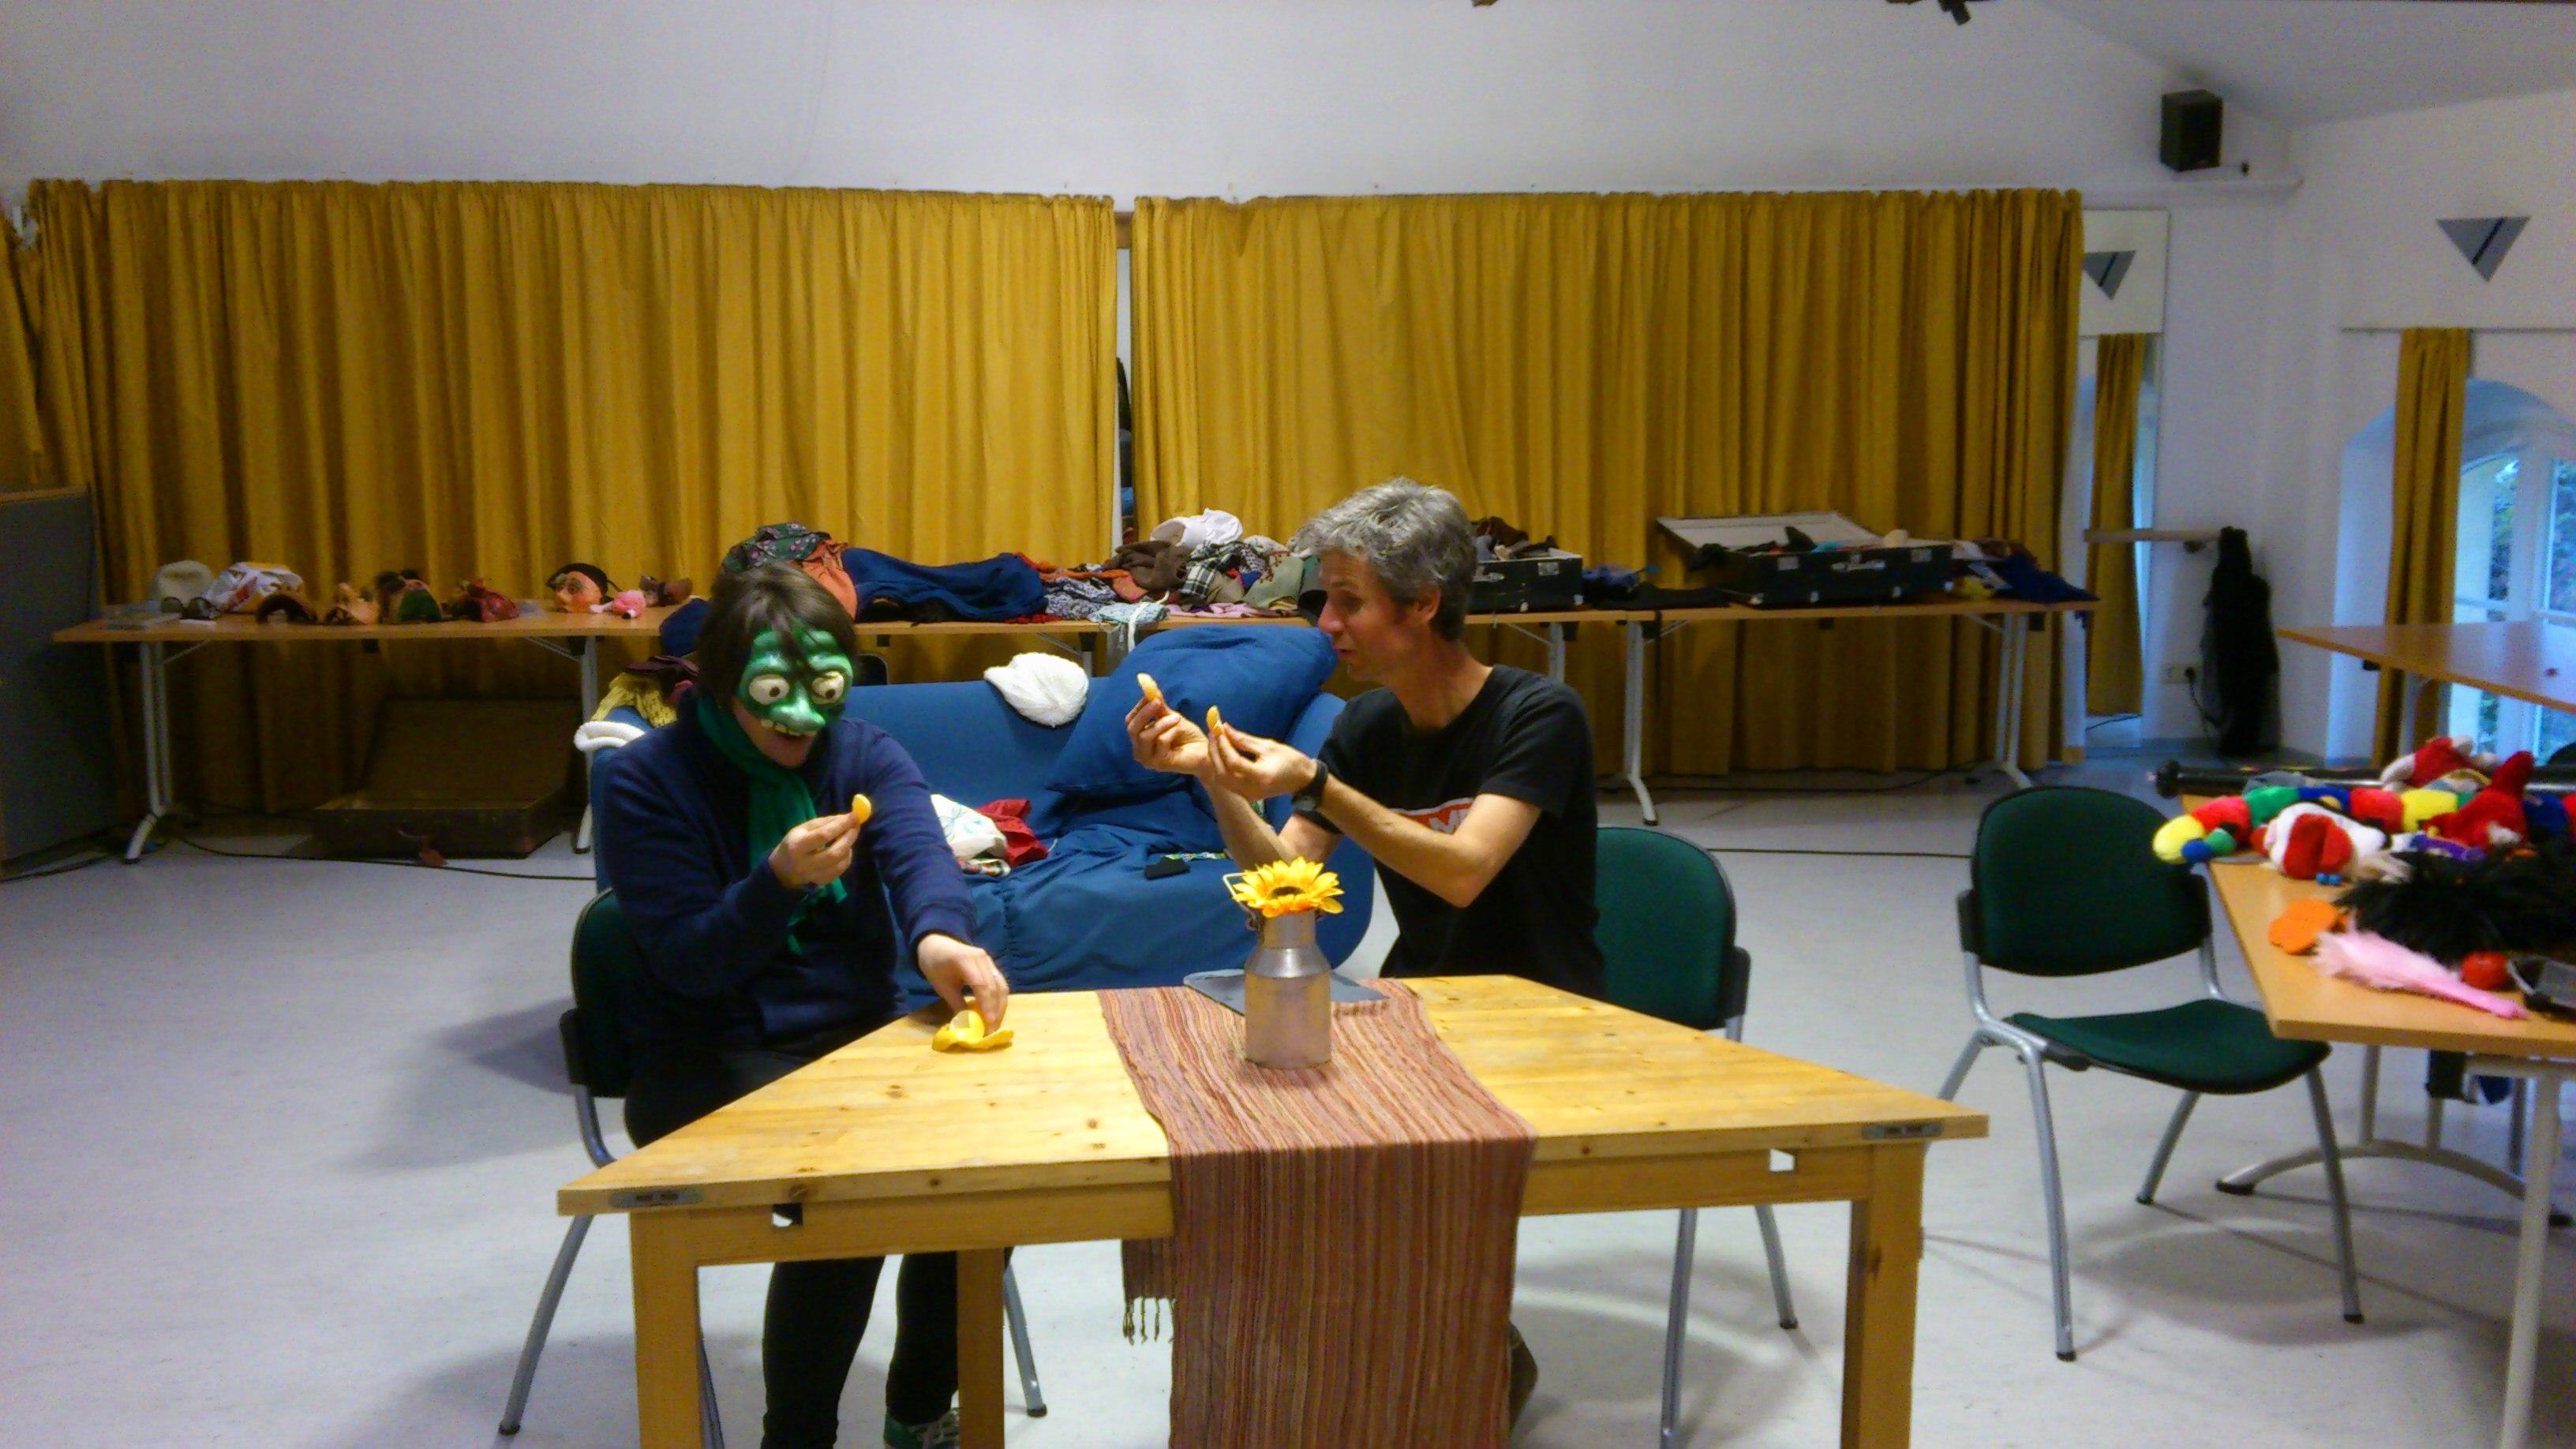 Maskenworkshop bei der 11. Impronale in Halle